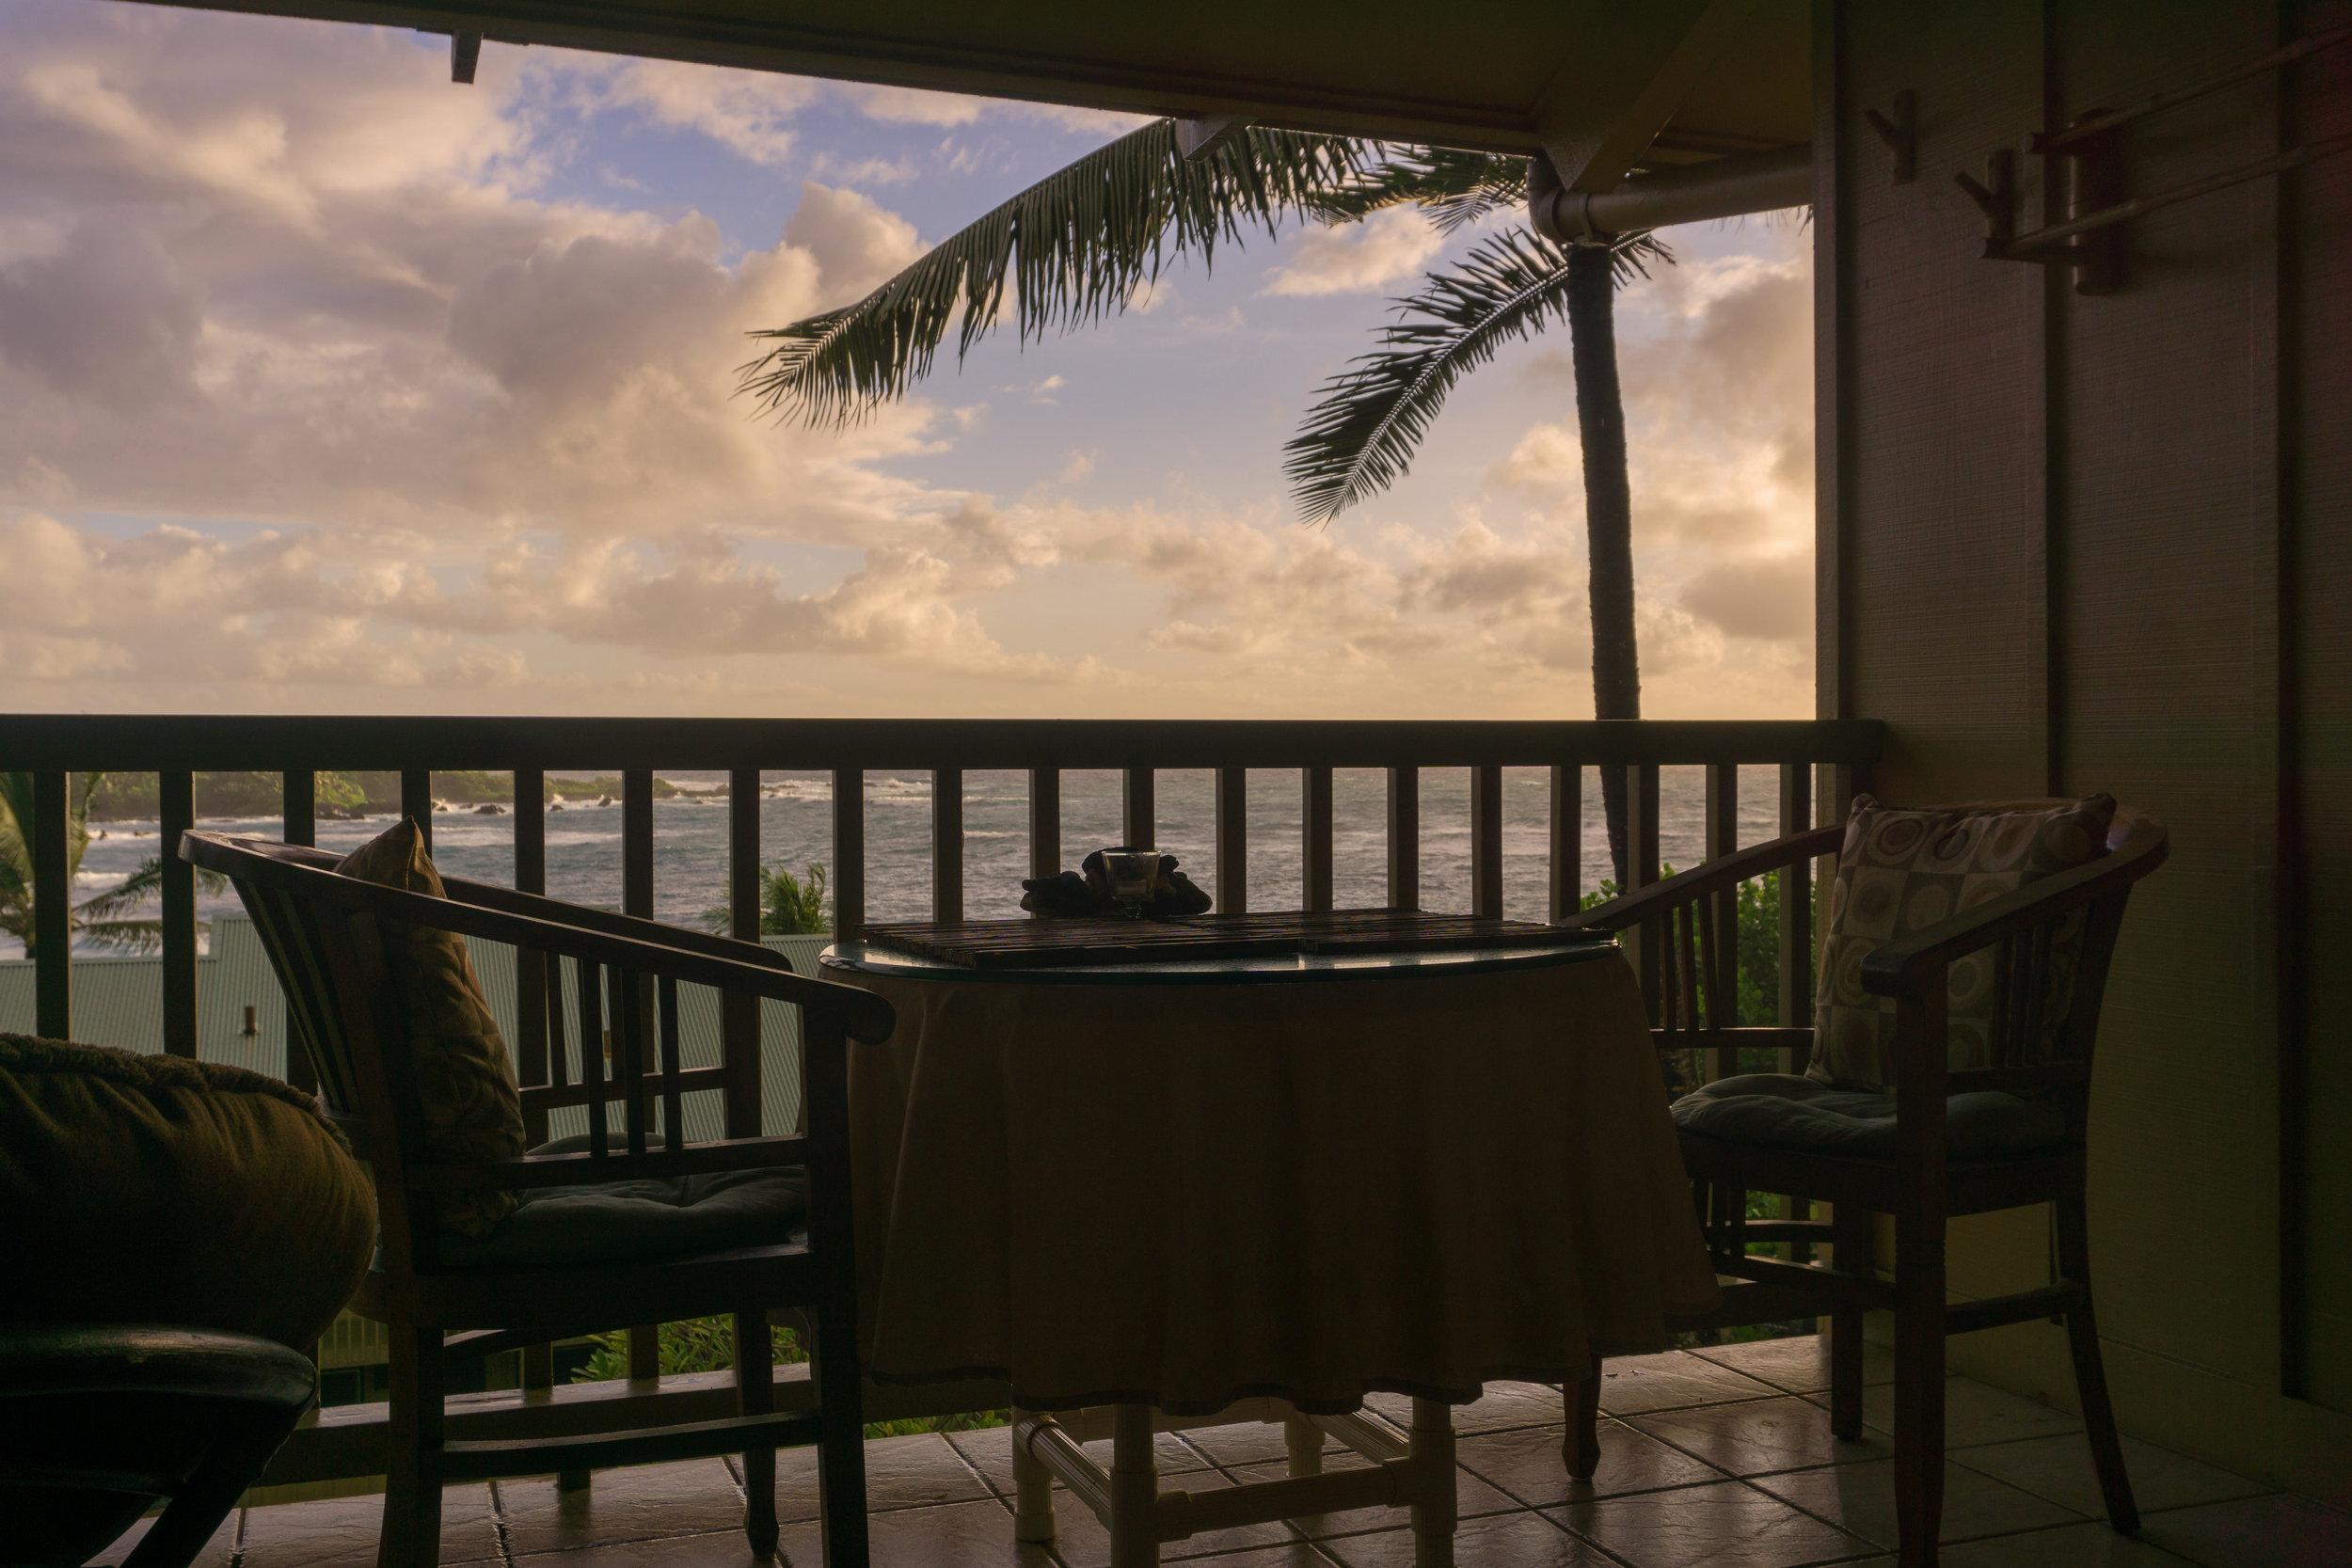 AstroBandit_Maui_Hawaii_JordanRose_Hana_BlackSandBeach_.jpg